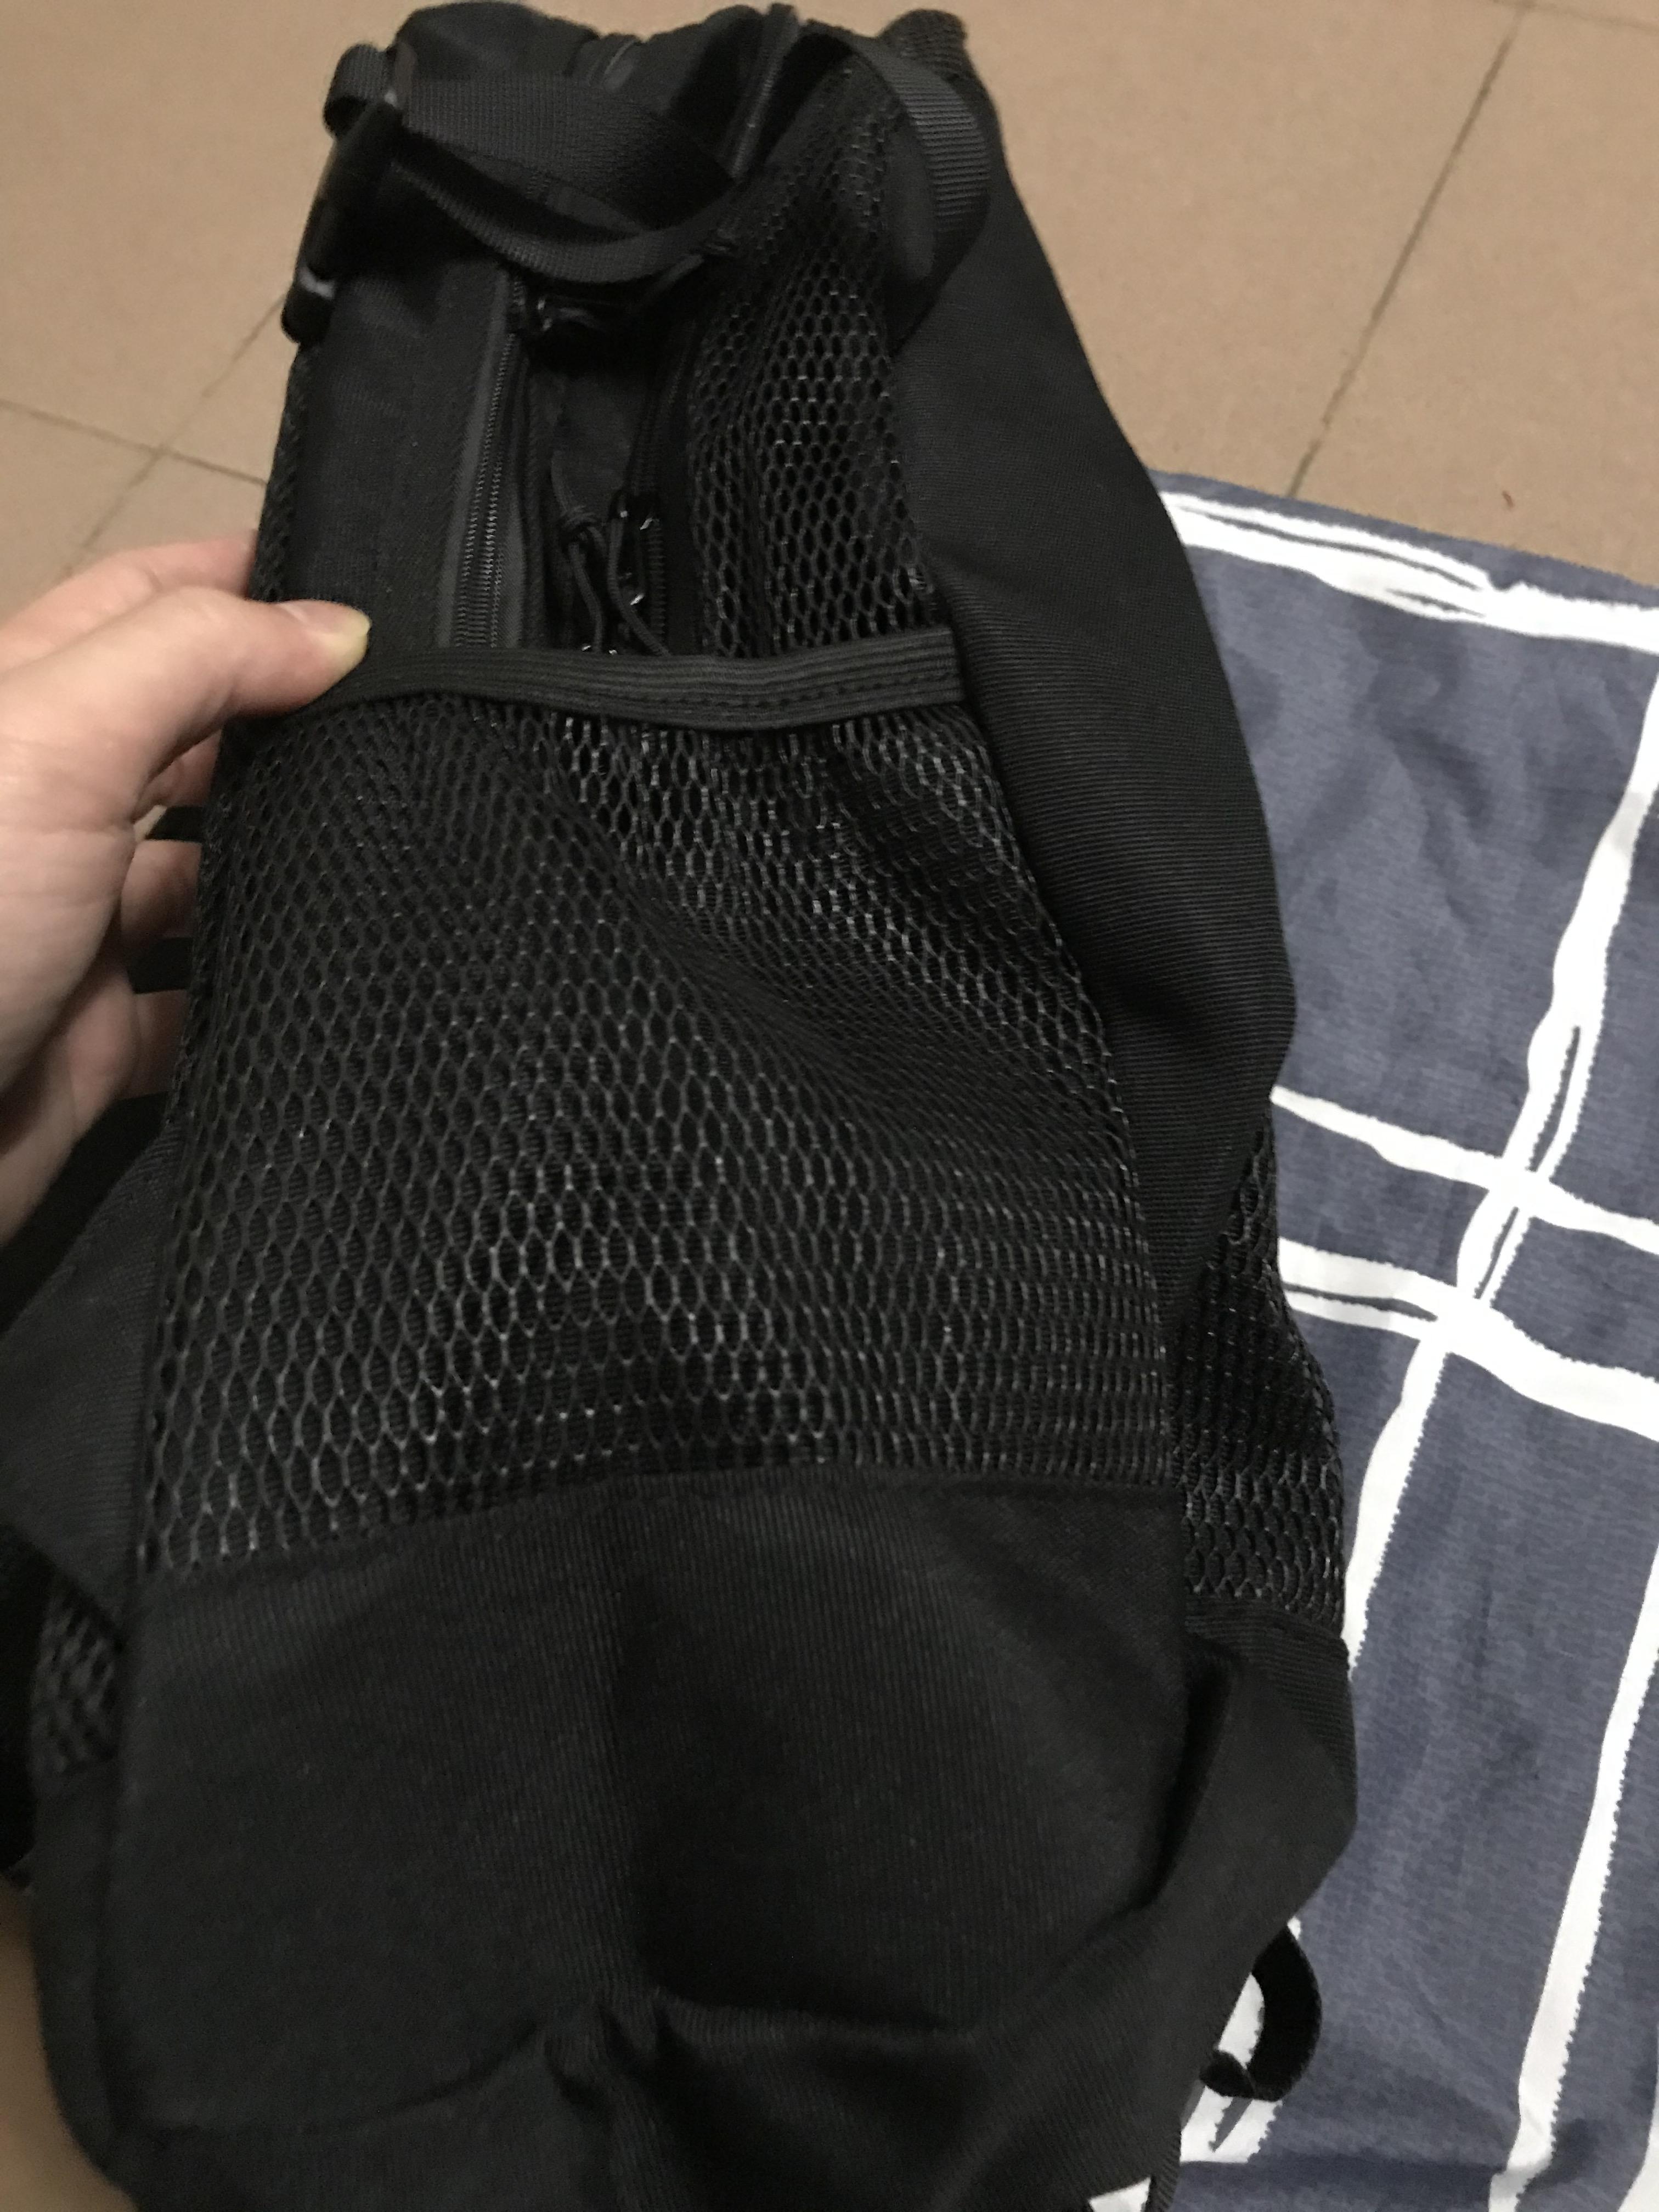 배낭 학교 가방 Unisex Fanny Pack 패션 여행 가방 양동이 가방 핸드백 허리 가방 4 색 재고 있음